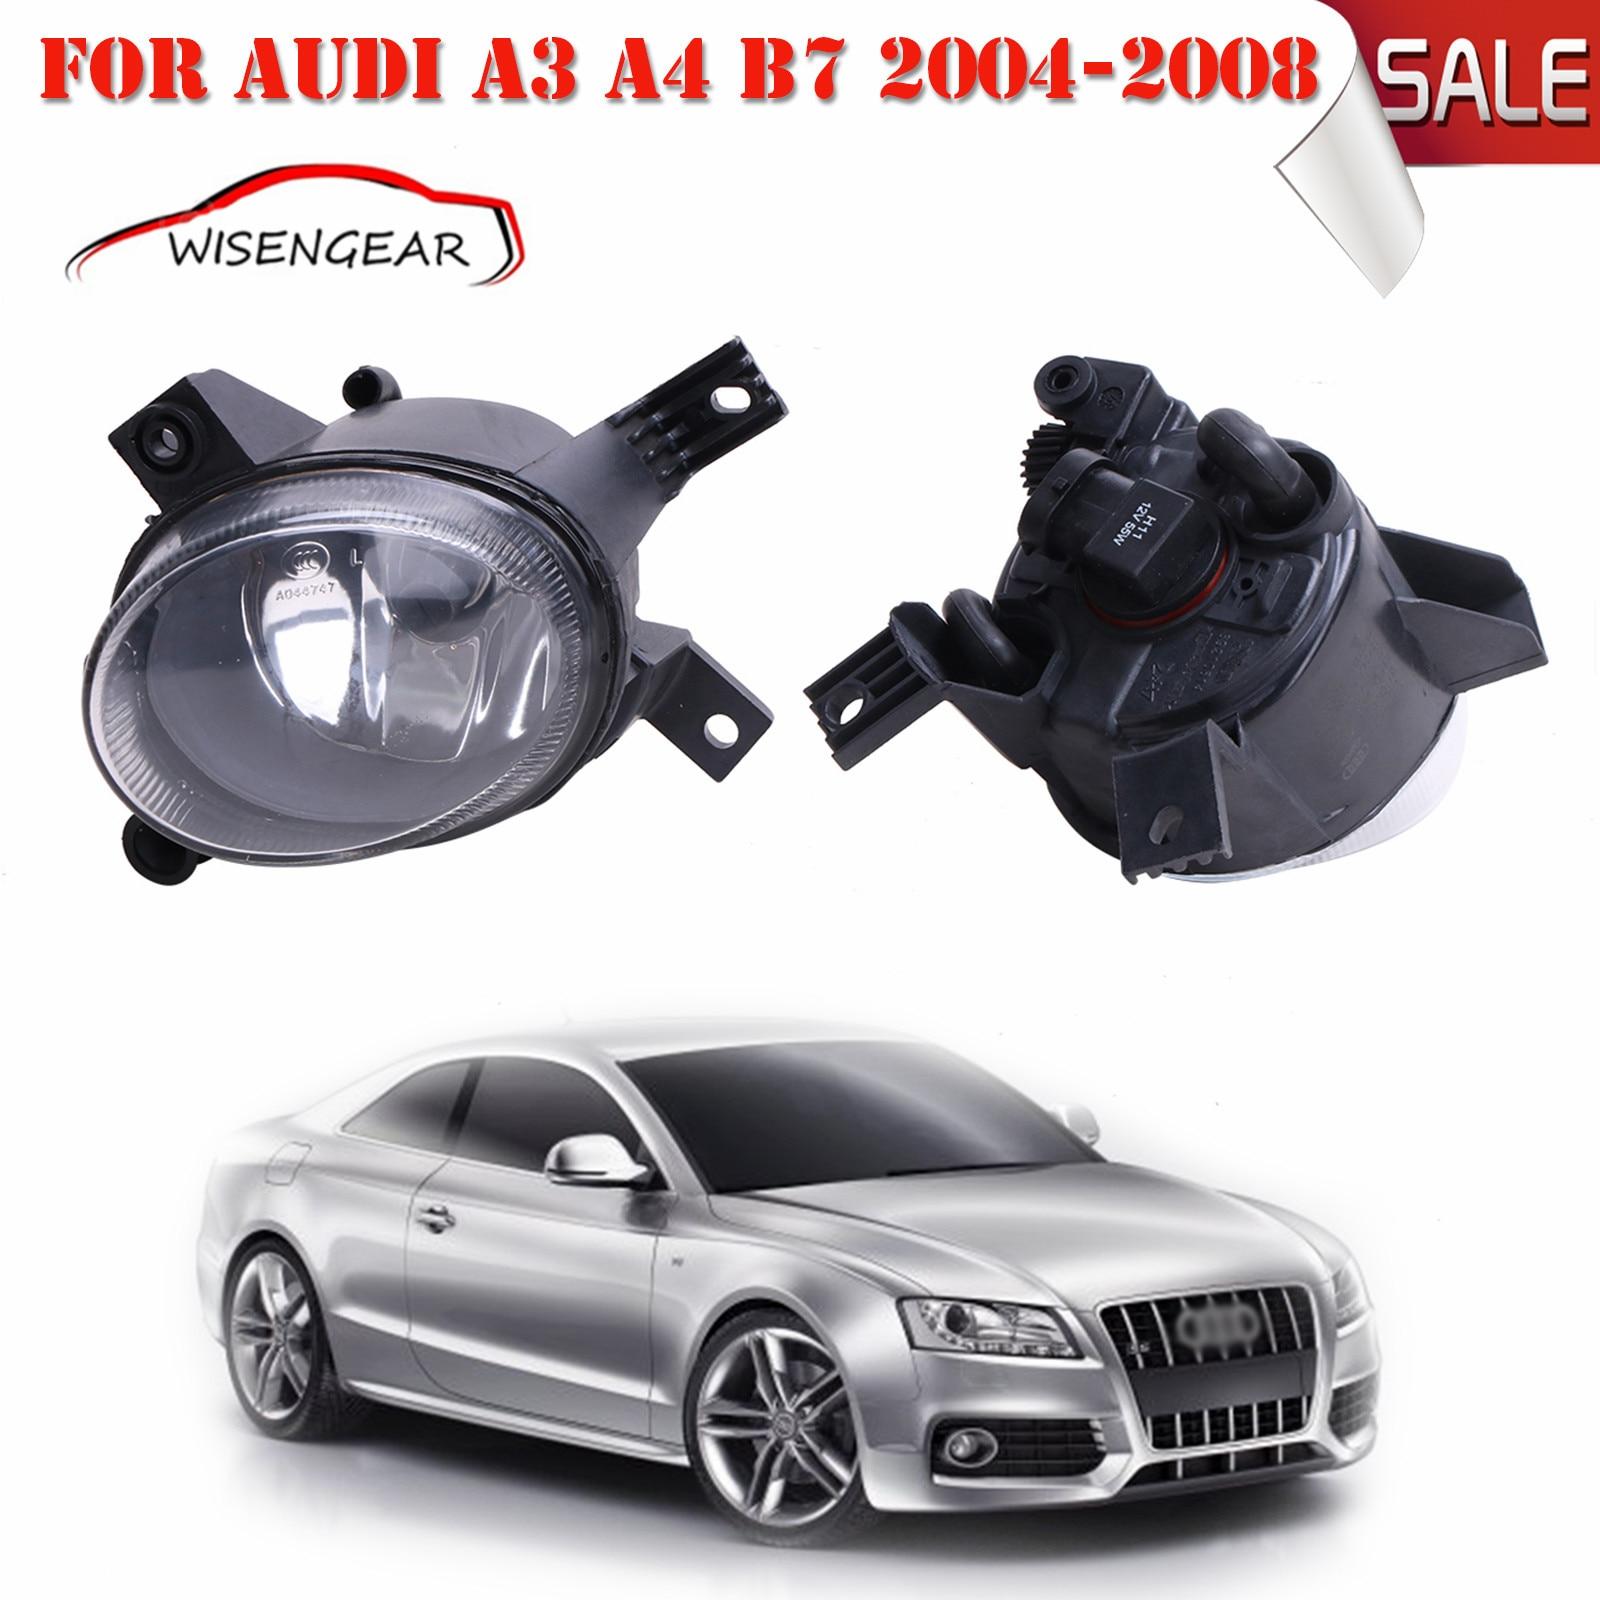 Car Light Front Fog Light Lamps Left & Right For Audi A3 A4 B7 2004-2008 OEM 8E0941700 + 8E0941699 C/5 car light left